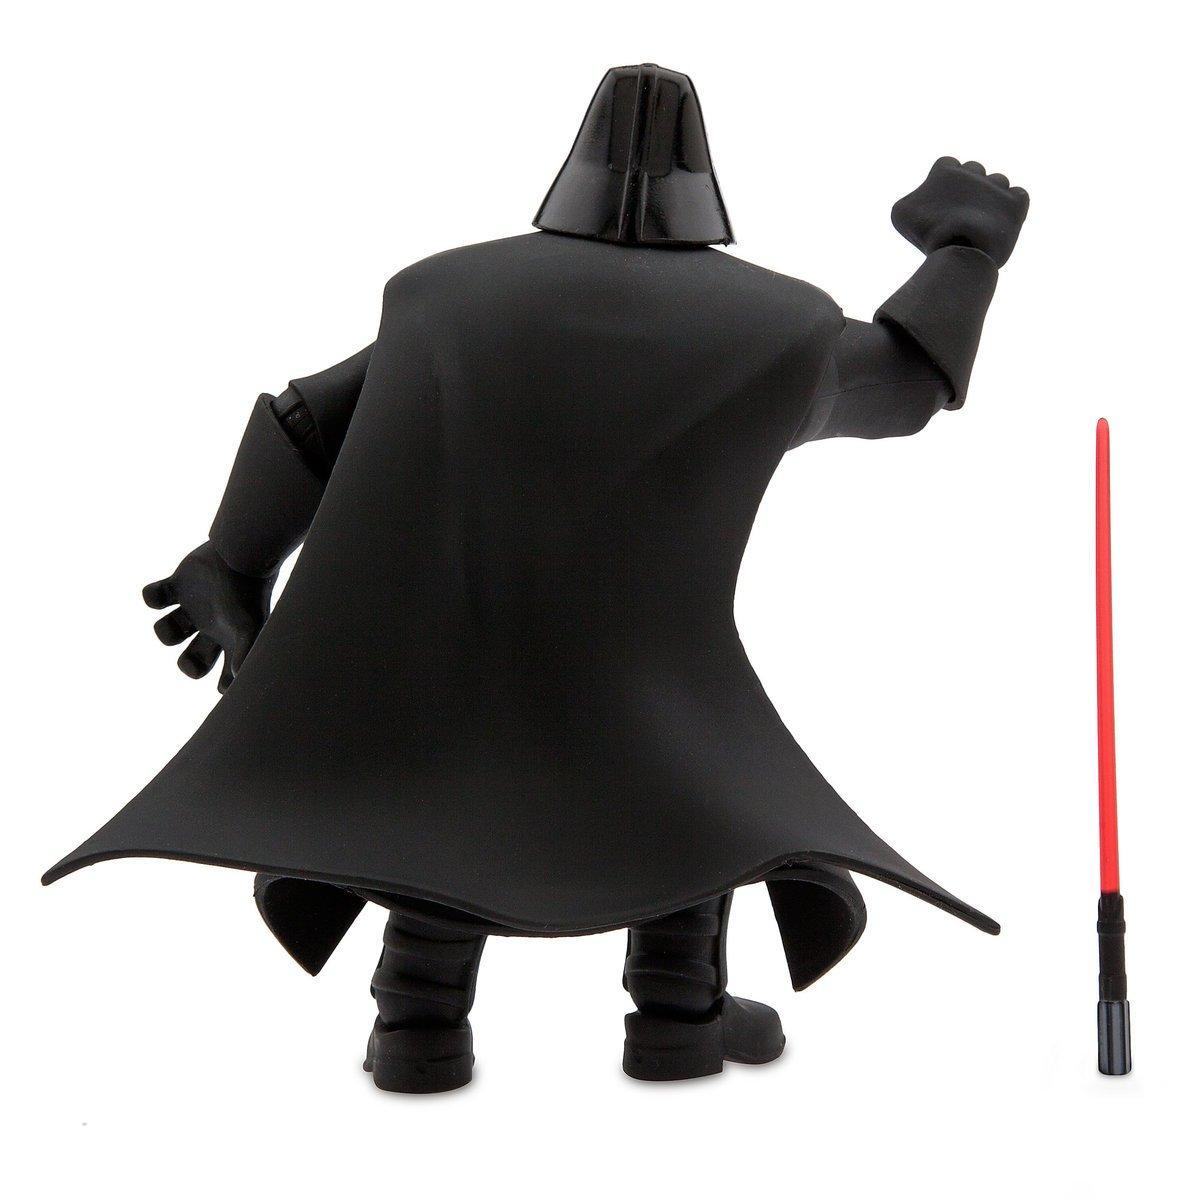 SW Darth Vader Toybox Figure 3